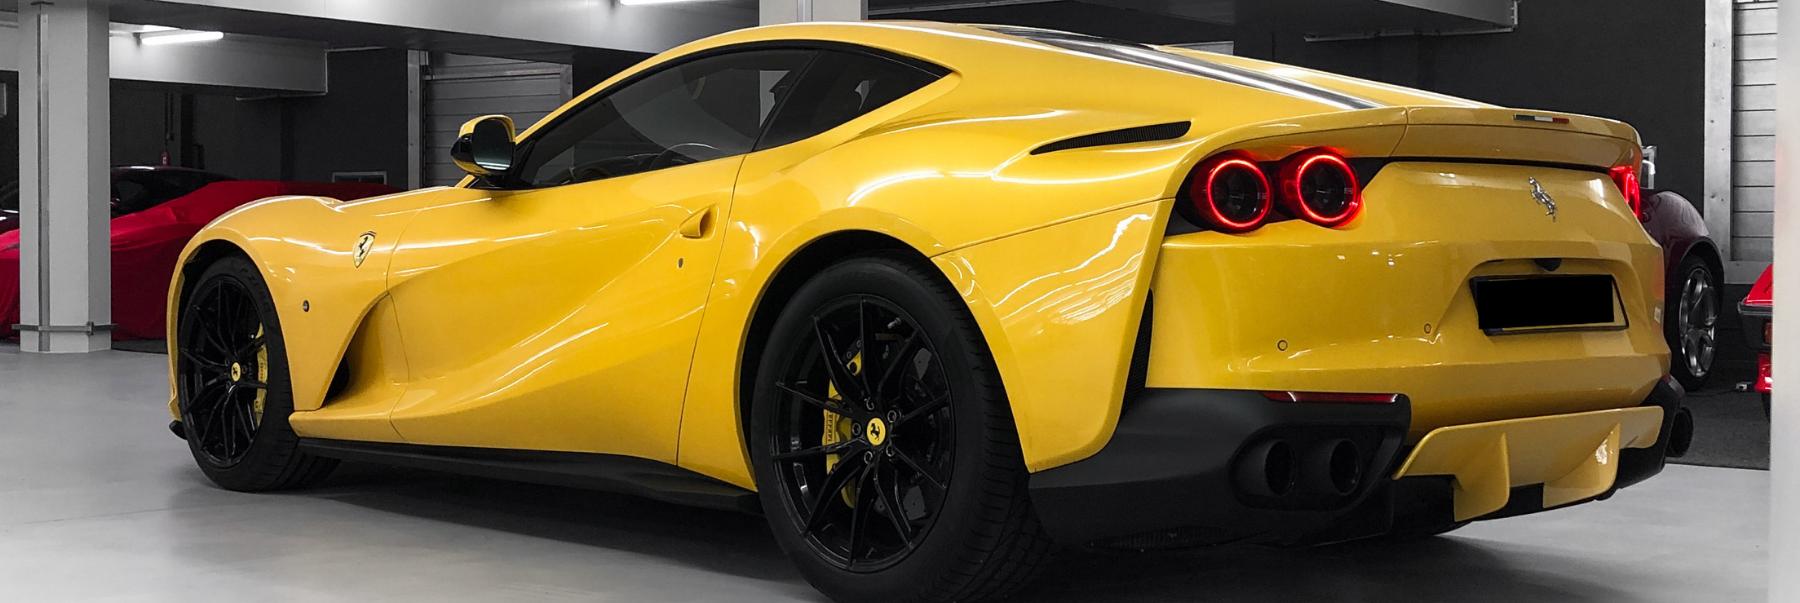 Ferrari 812 Superfast gelb dreiviertel Rückansicht eingelagert in Luxusgarage